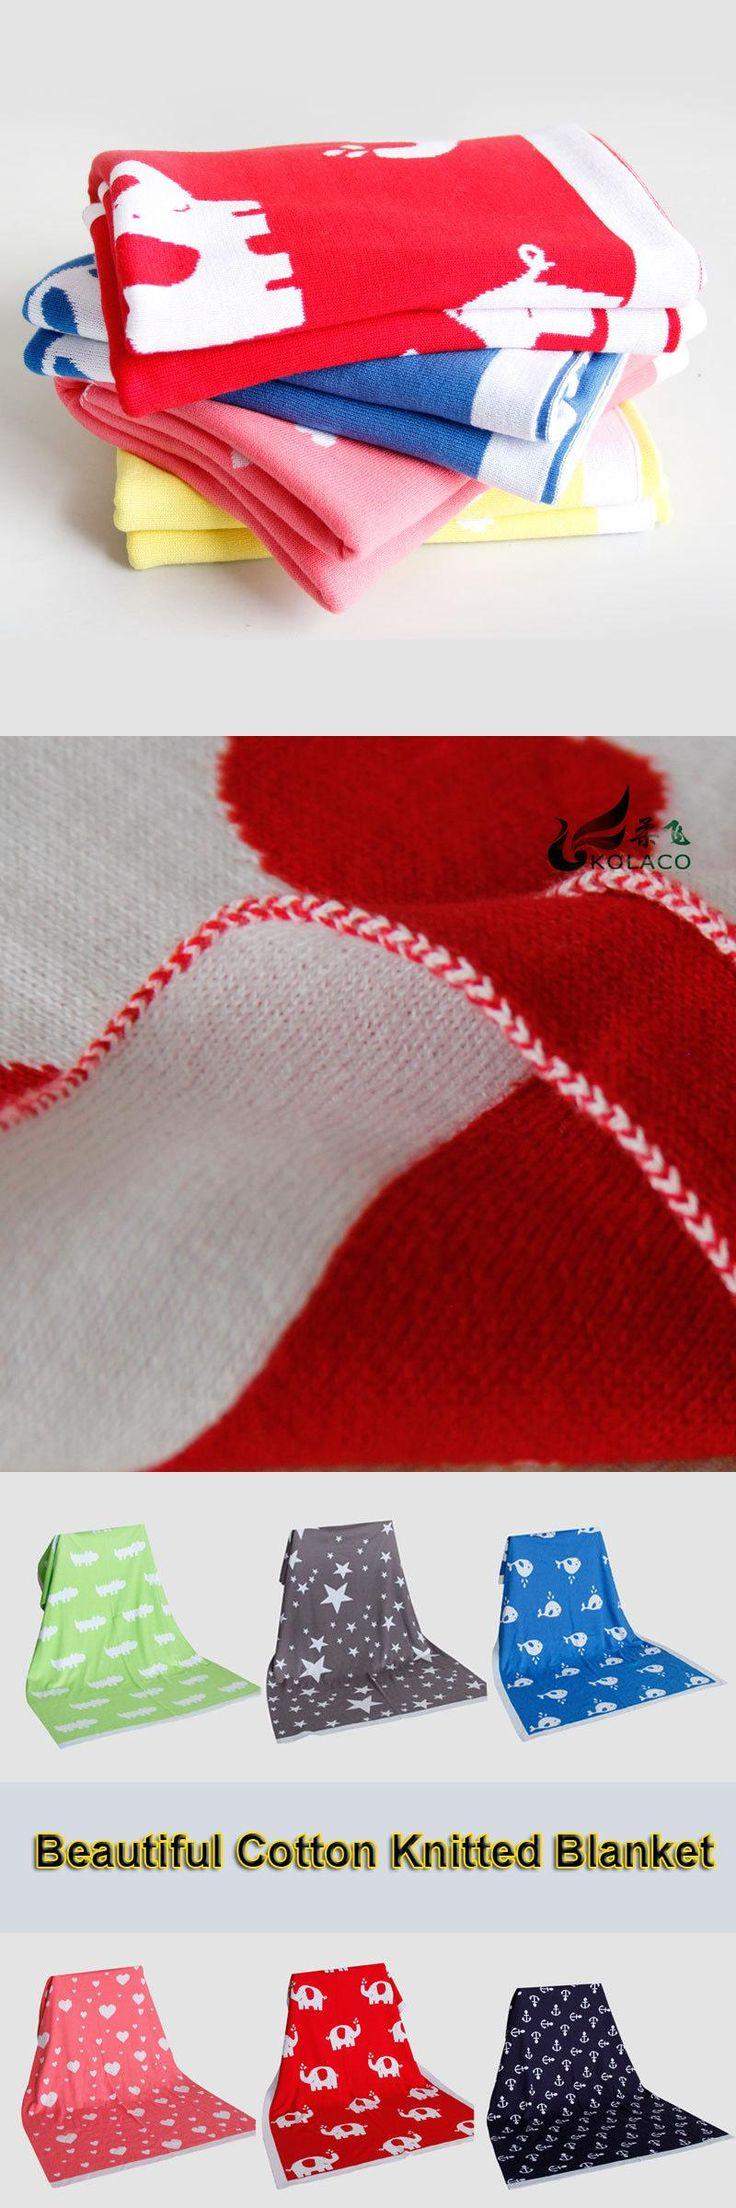 New 2016 Super Soft Cotton Blanket 102x76cm Blankets sofa/air plain throws Newborn mantas cobertores Crib Casual free shipping